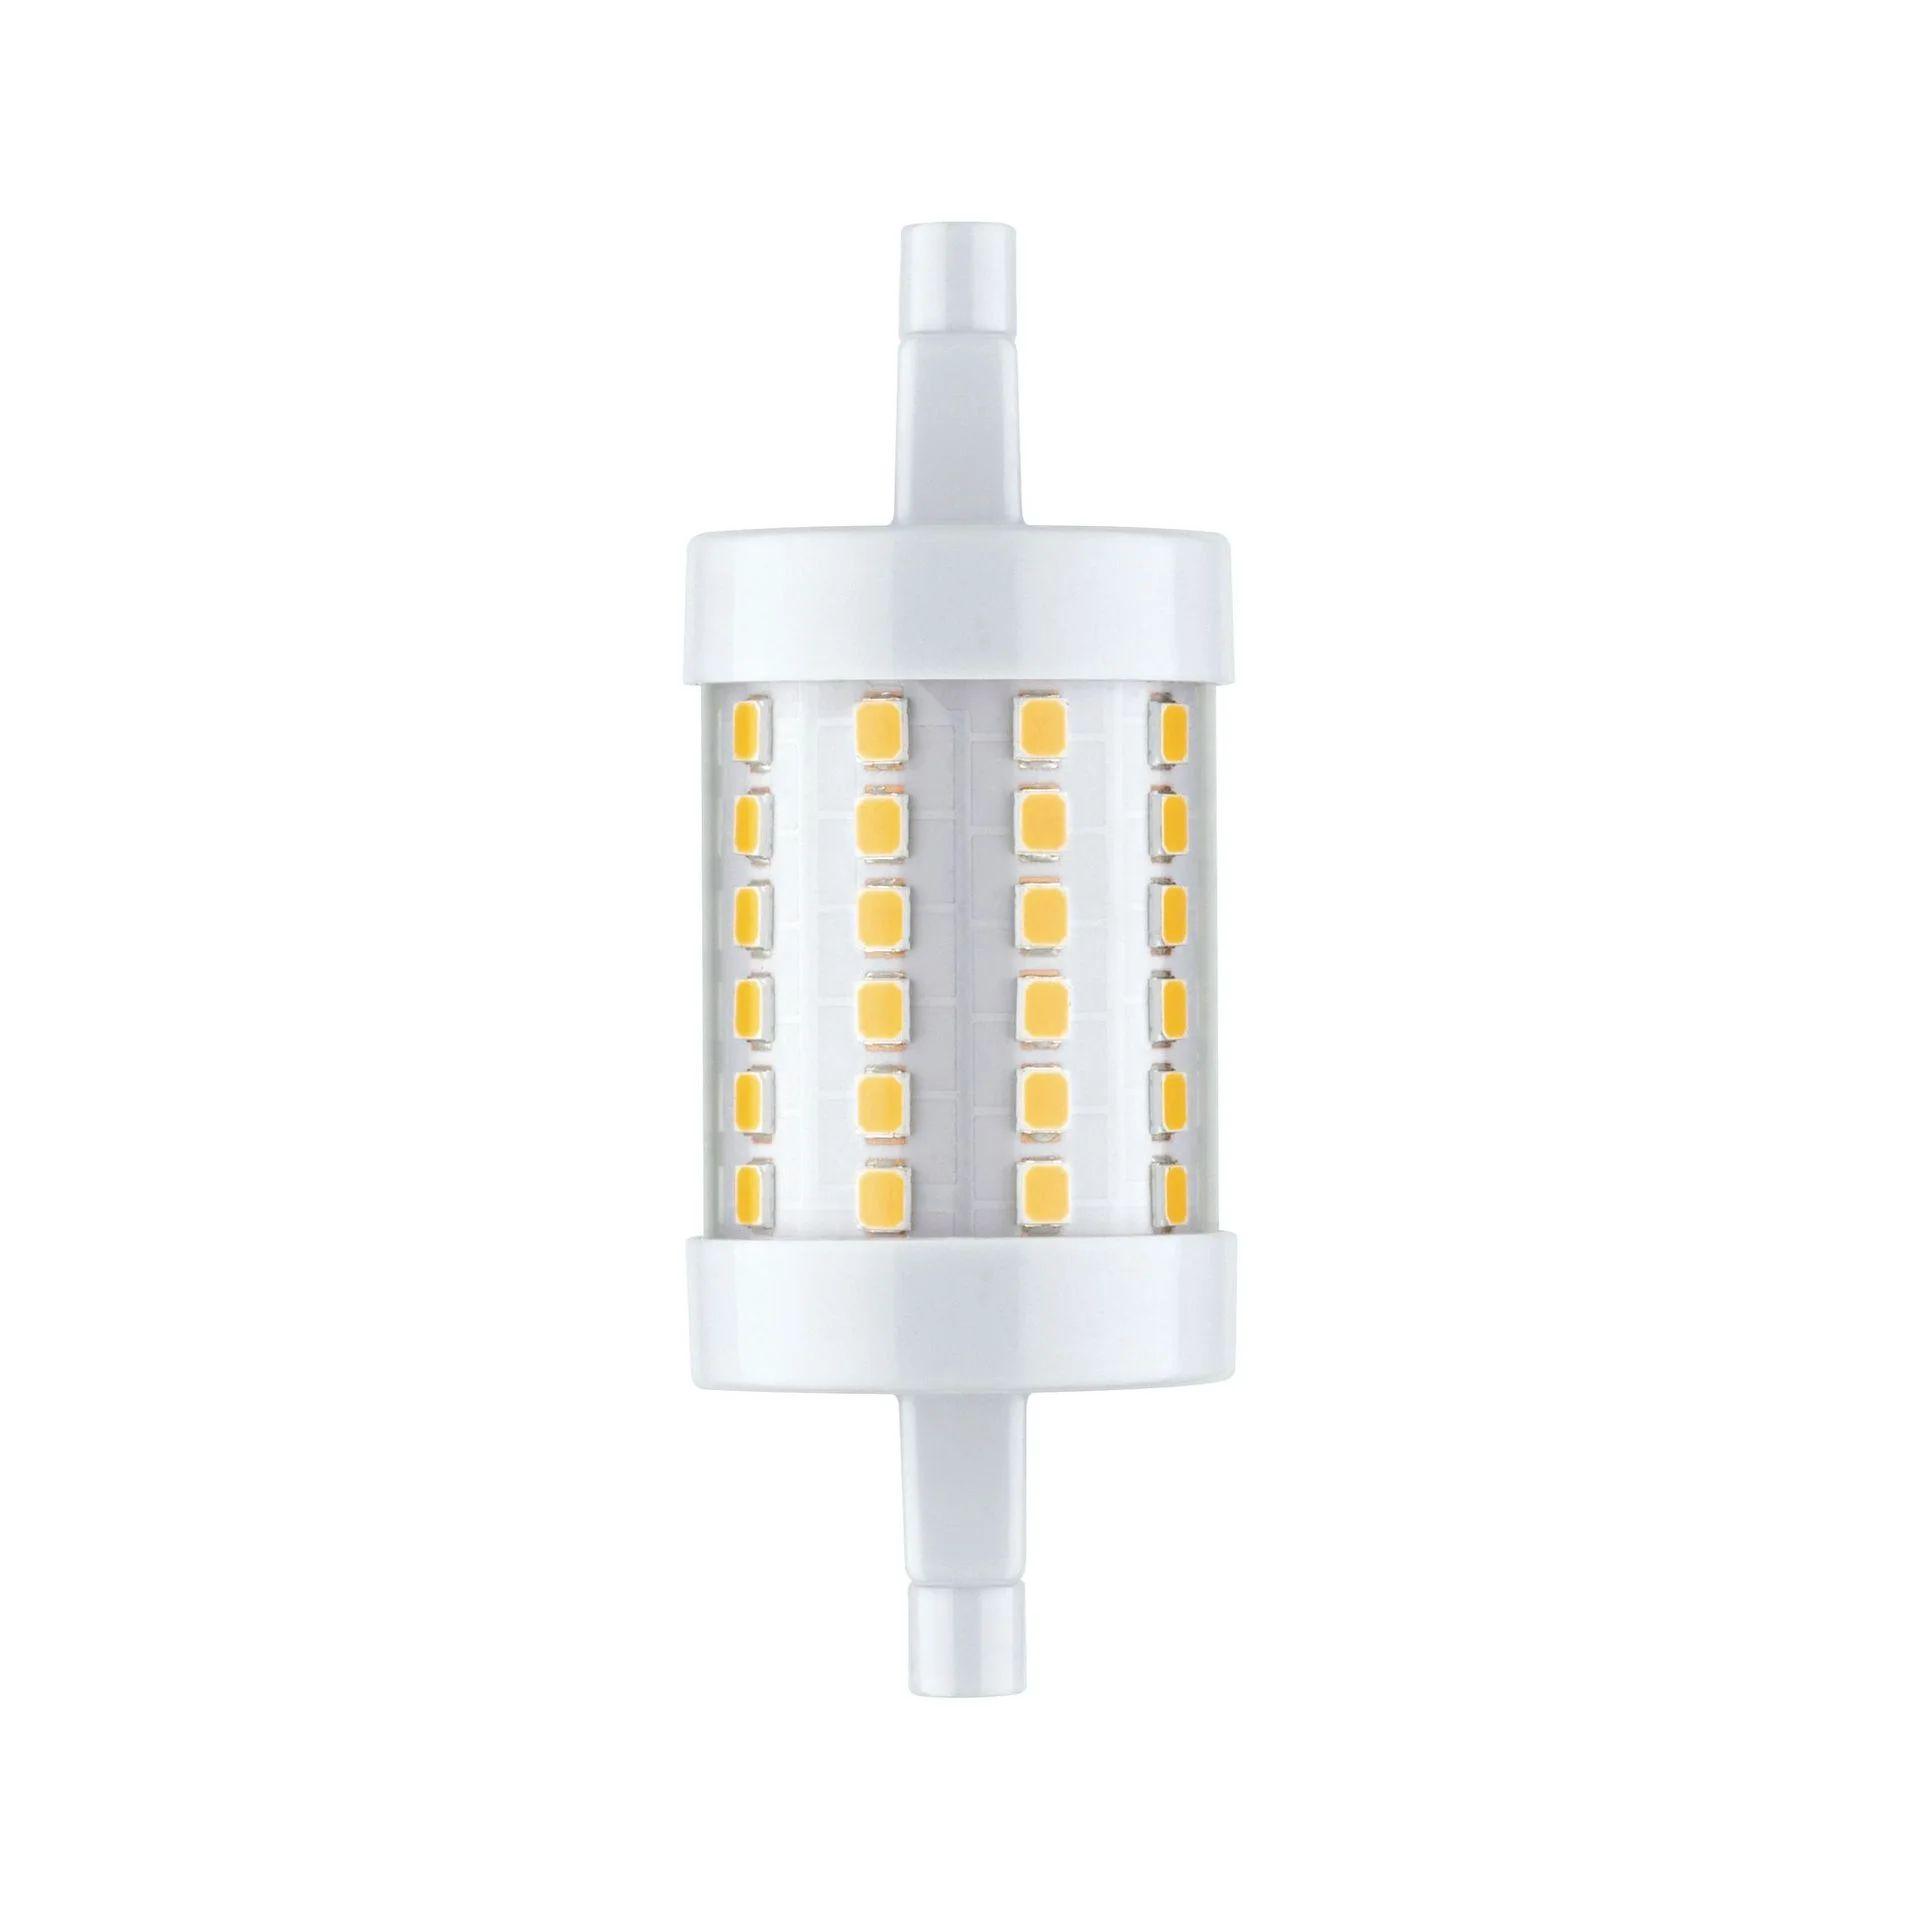 Ampoule Led Blanc Crayon R7s 78 Mm 950 Lm 9 W Blanc Chaud Paulmann Leroy Merlin